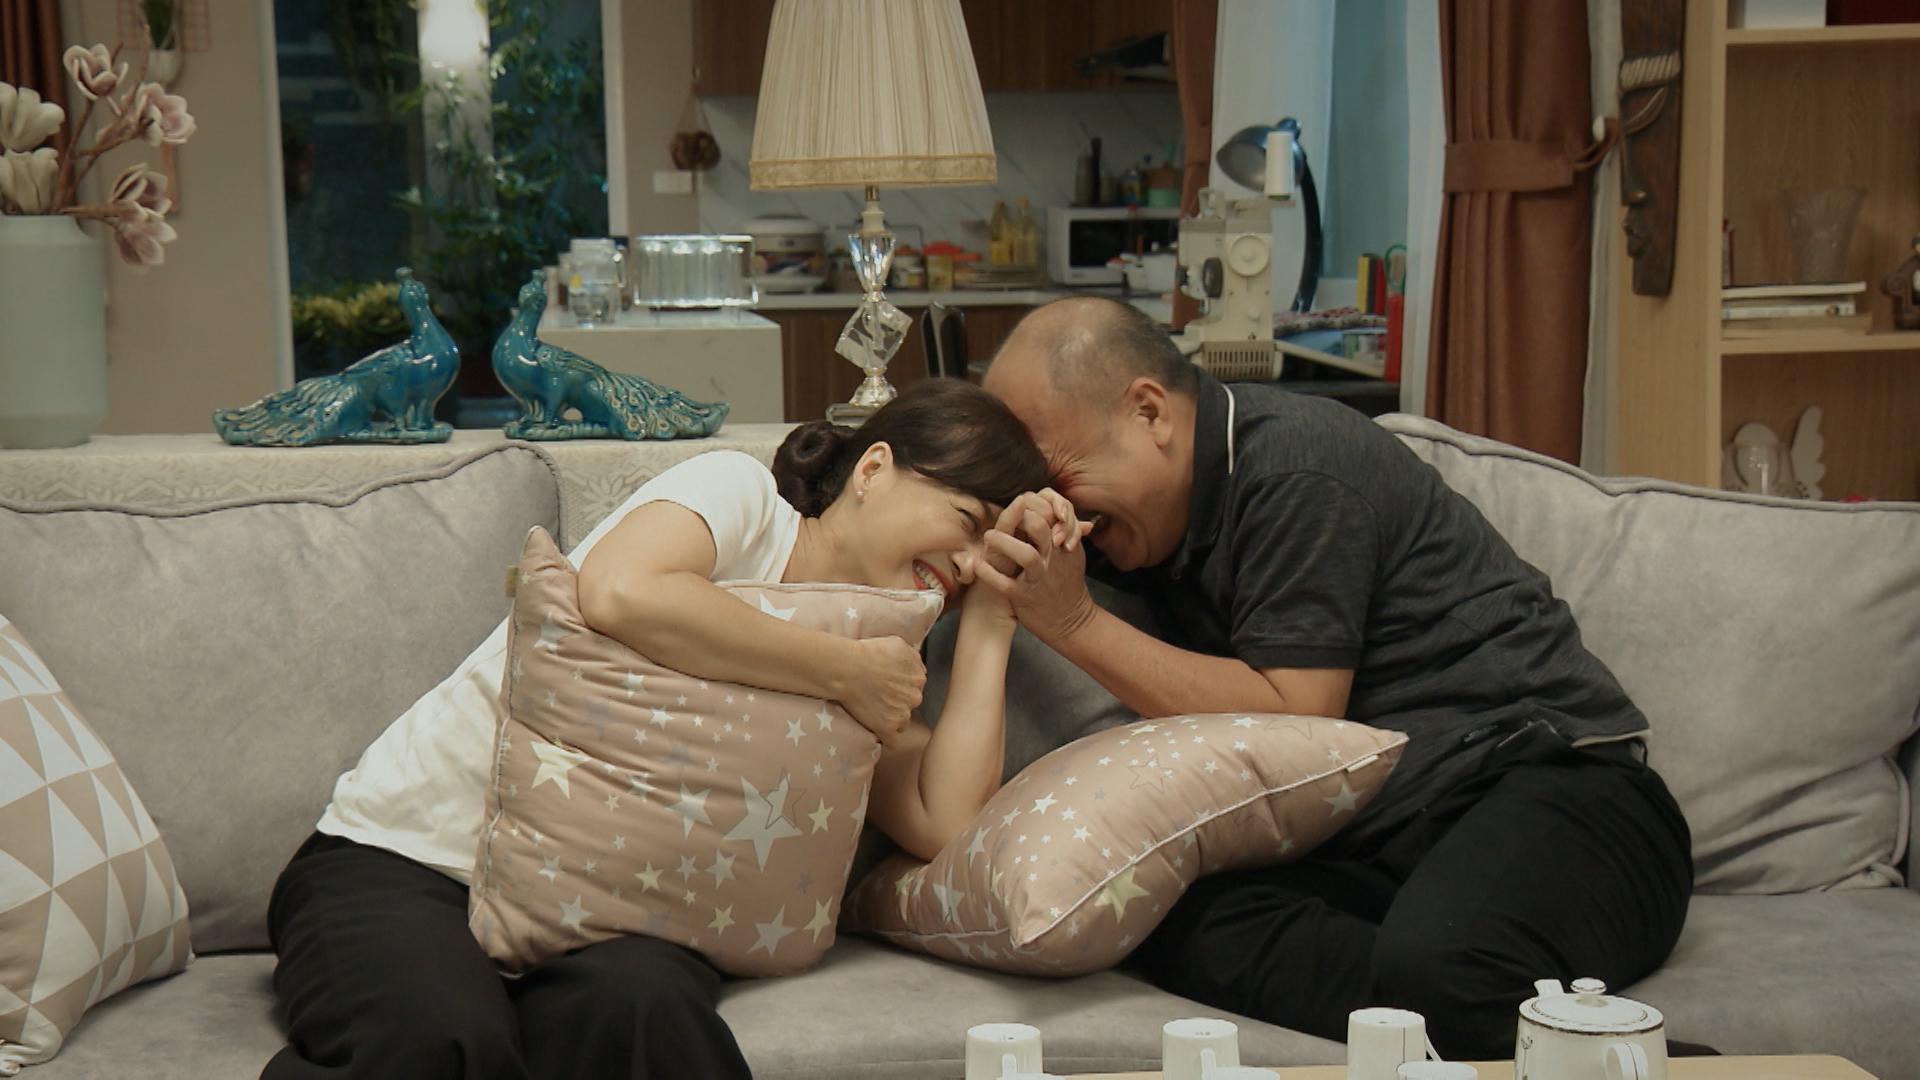 'Mẹ ơi, bố đâu rồi' tập 2: Phát hiện có người theo dõi, Quỳnh Kool xịt hơi cay và ngã ngửa khi nạn nhân là bố mình 9